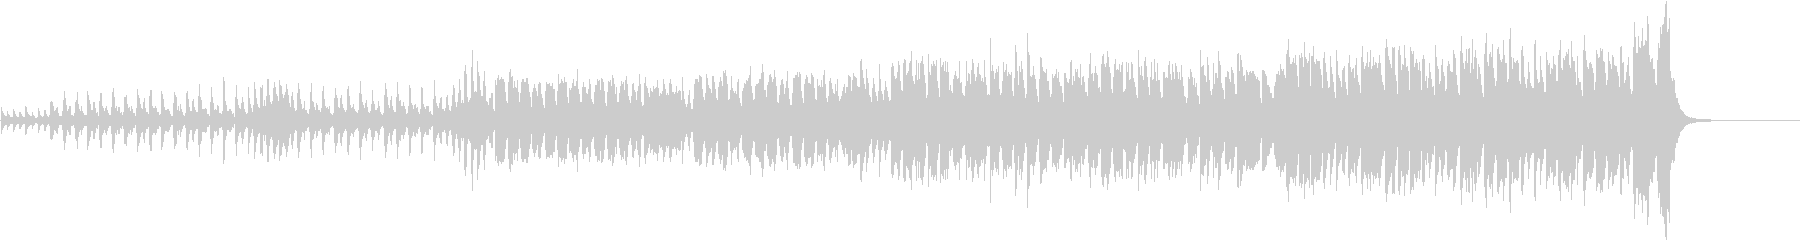 東洋的なクラシック ペルシャの市場にての未再生の波形